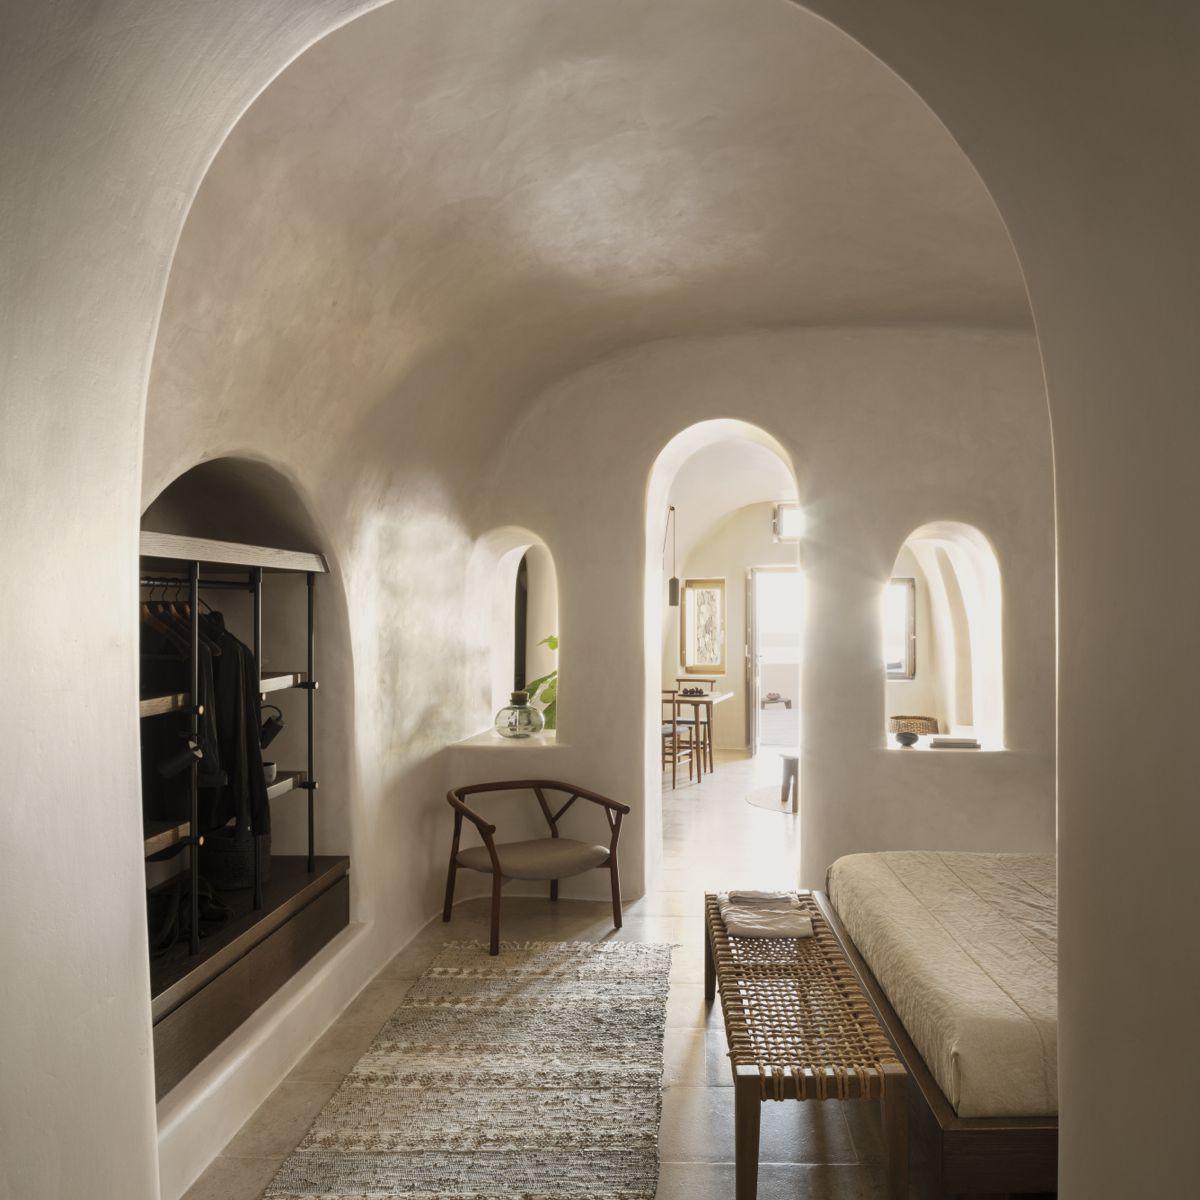 Mediterranean-style interior design